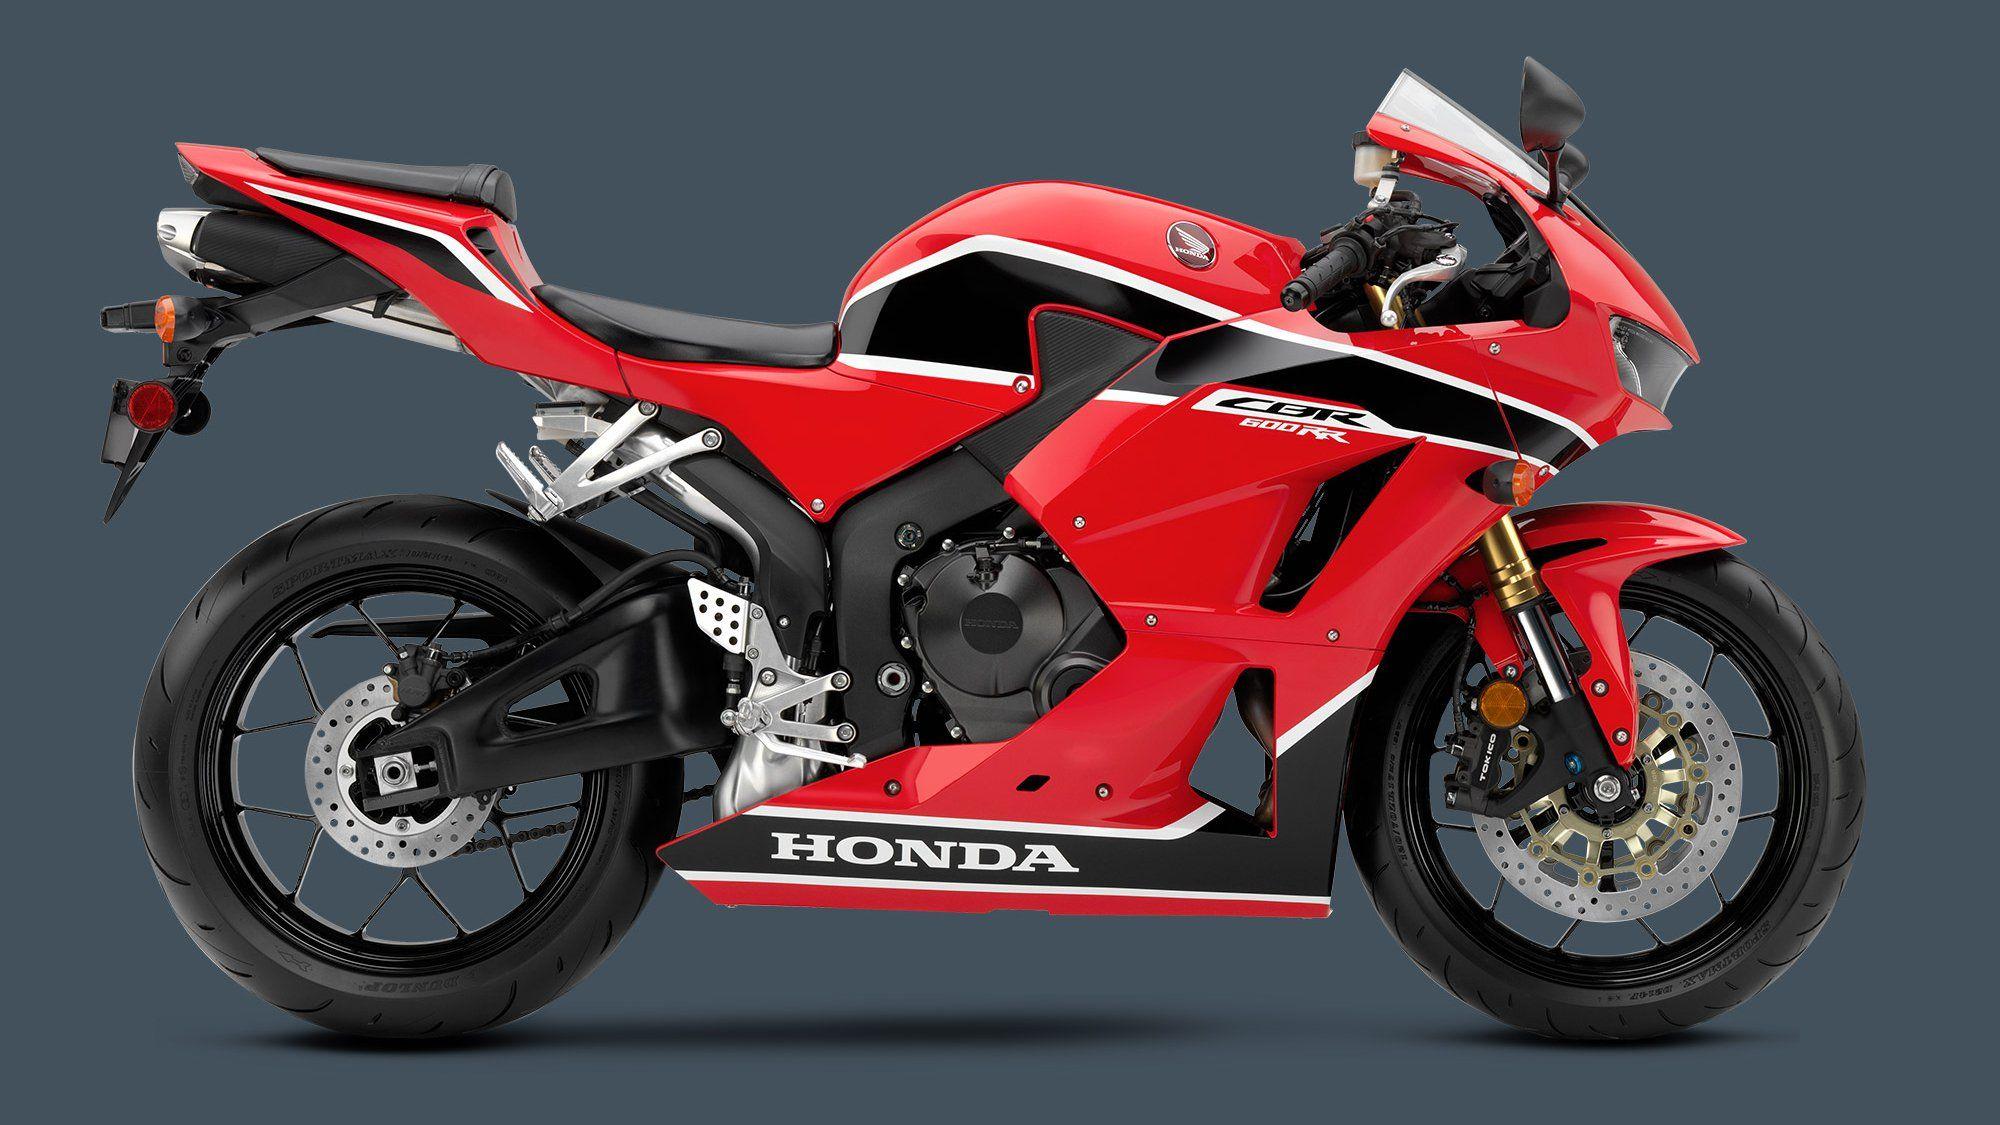 2014 2019 Honda Cbr600rr Motorcycles